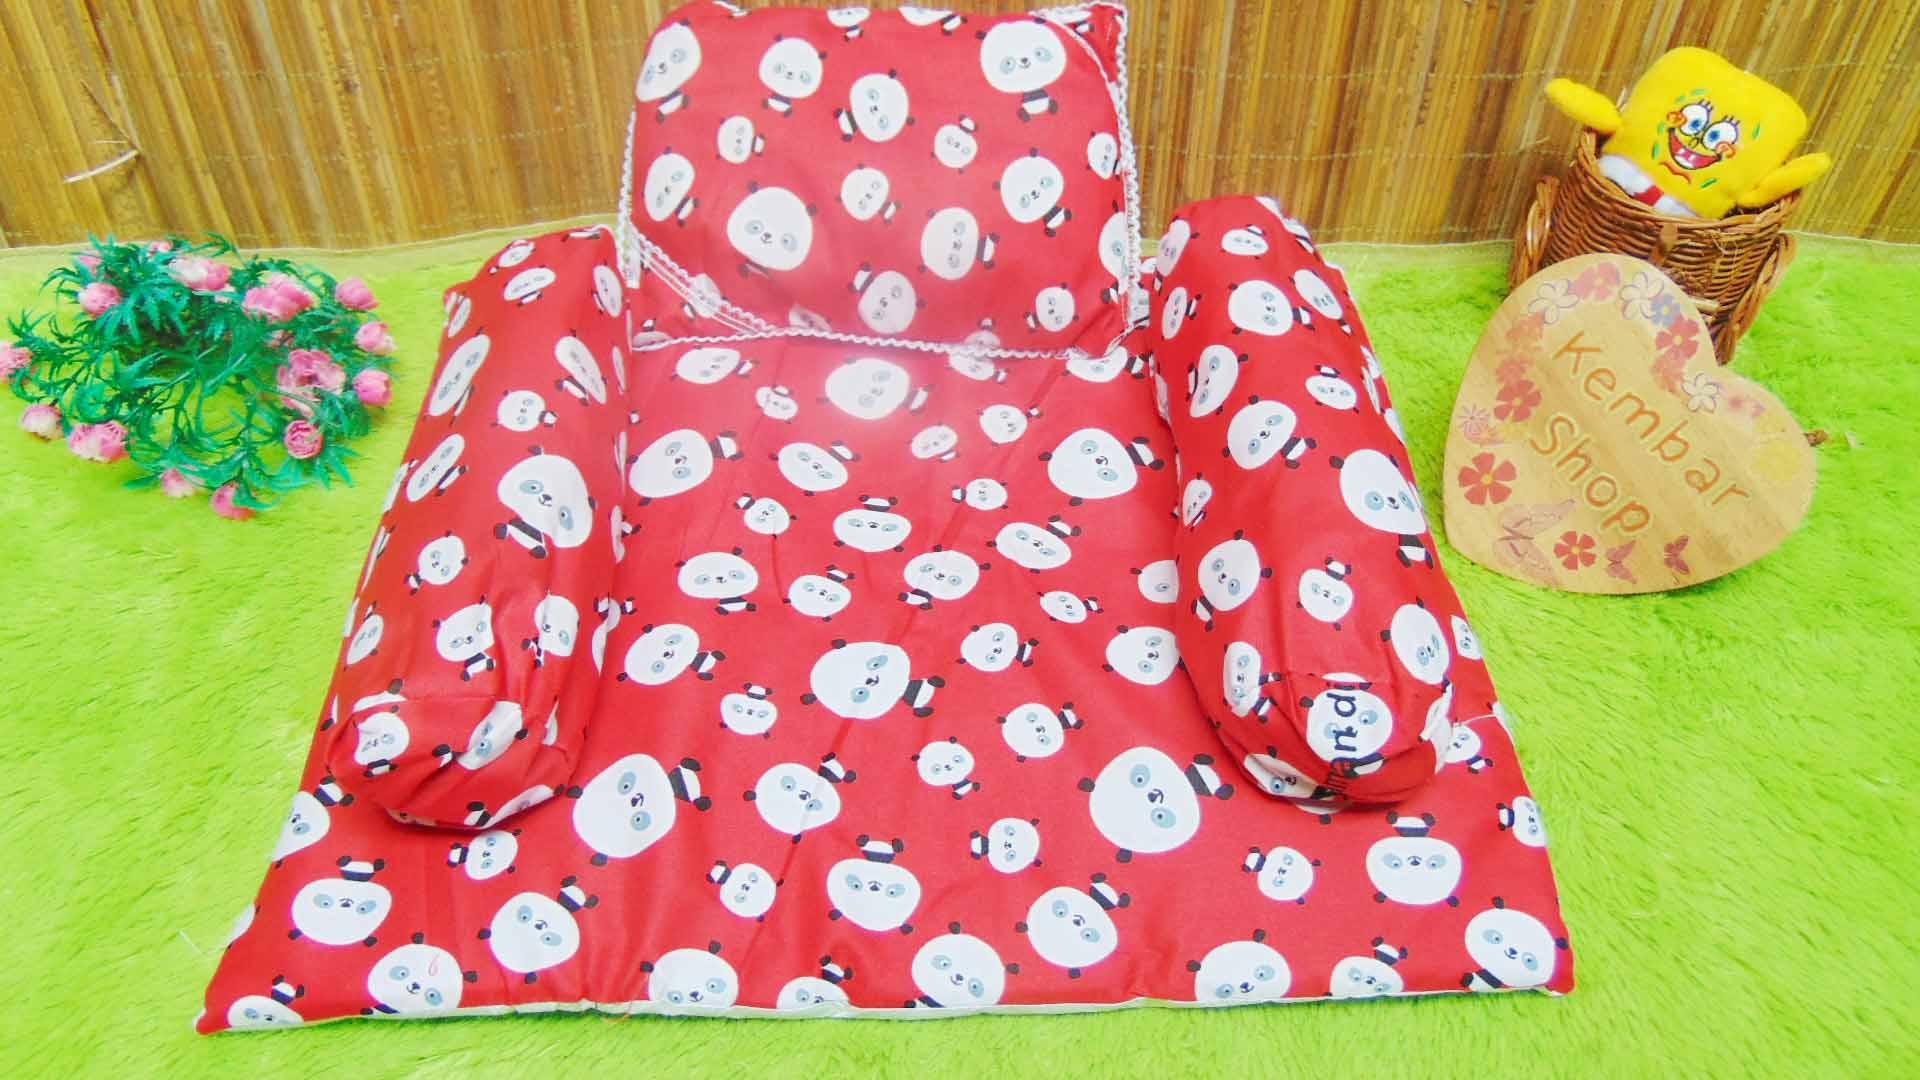 PALING MURAH kado bayi set kasur bayi karakter keroppi doraemon disney panda plus bantal dan guling (4)